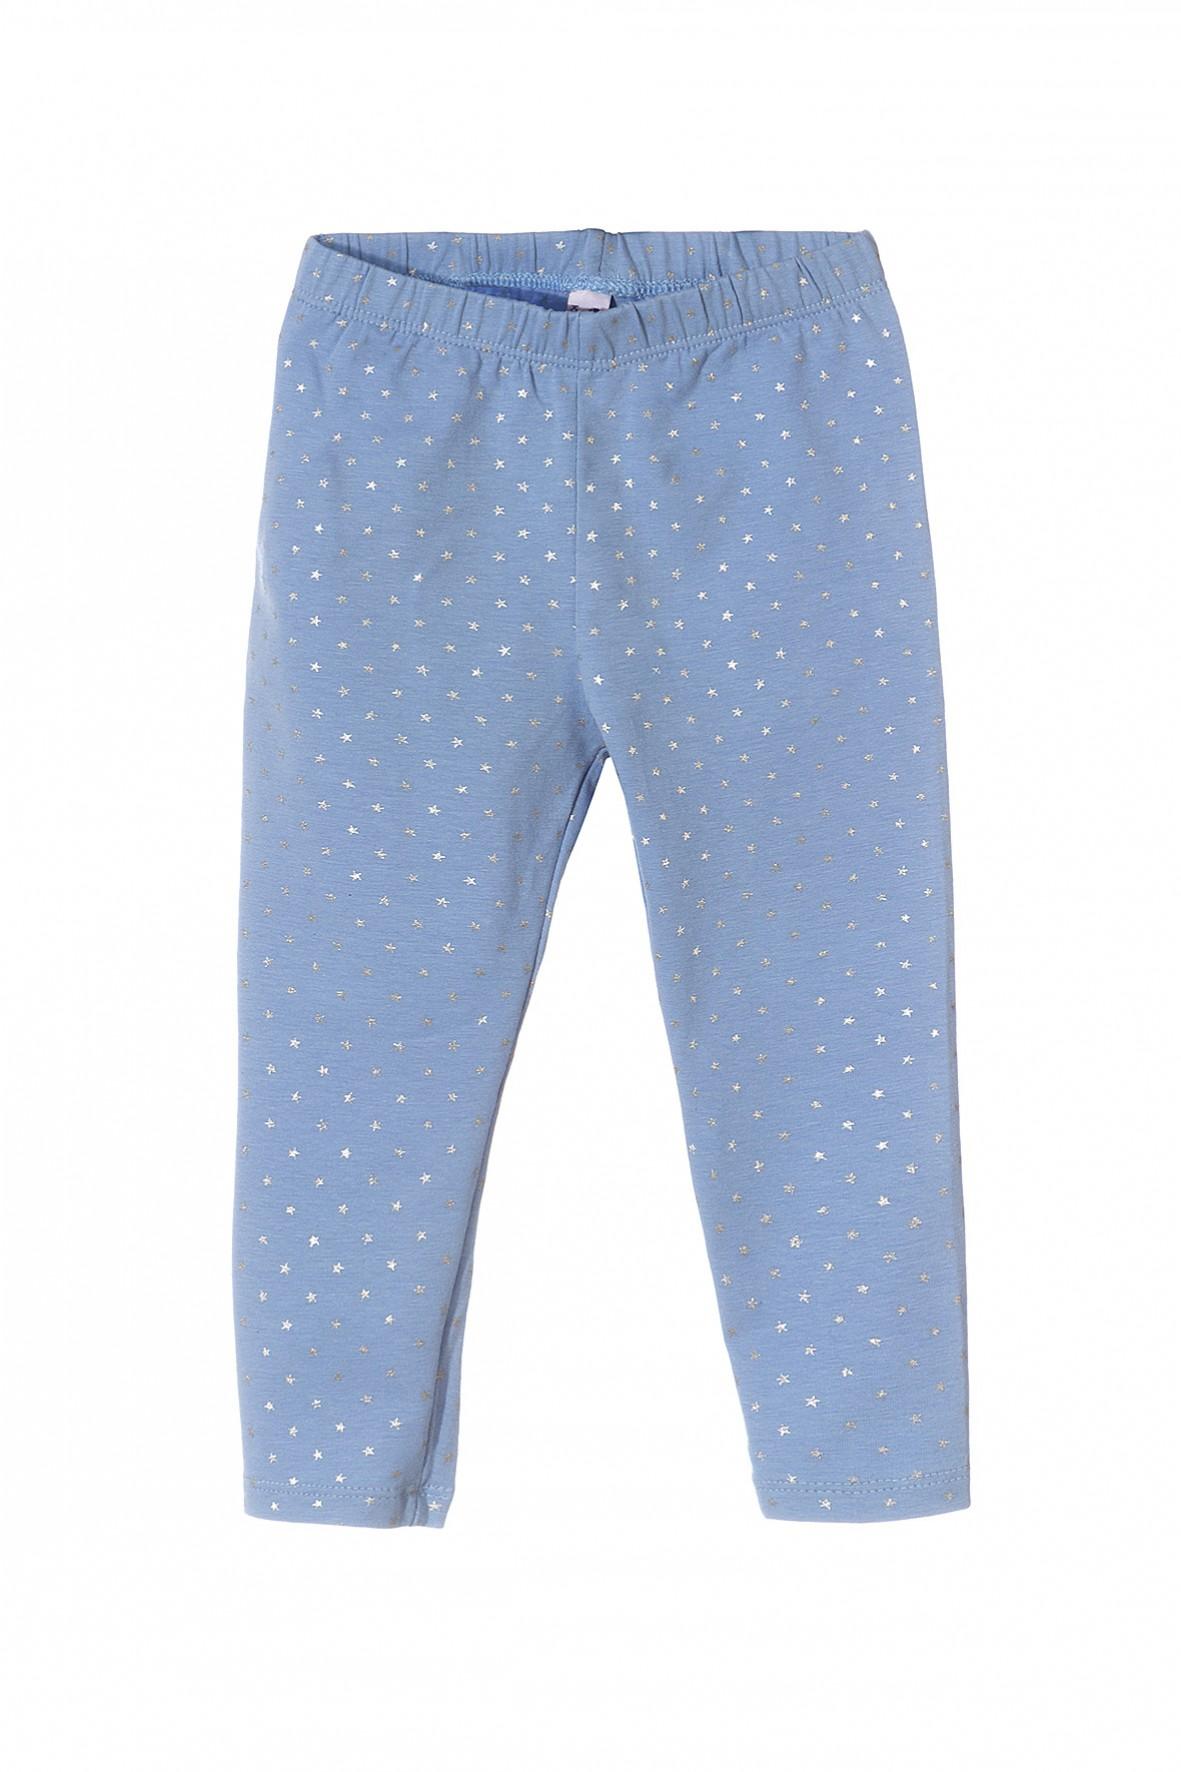 Leginsy dziewczęce niebieskie w srebrne gwiazdki